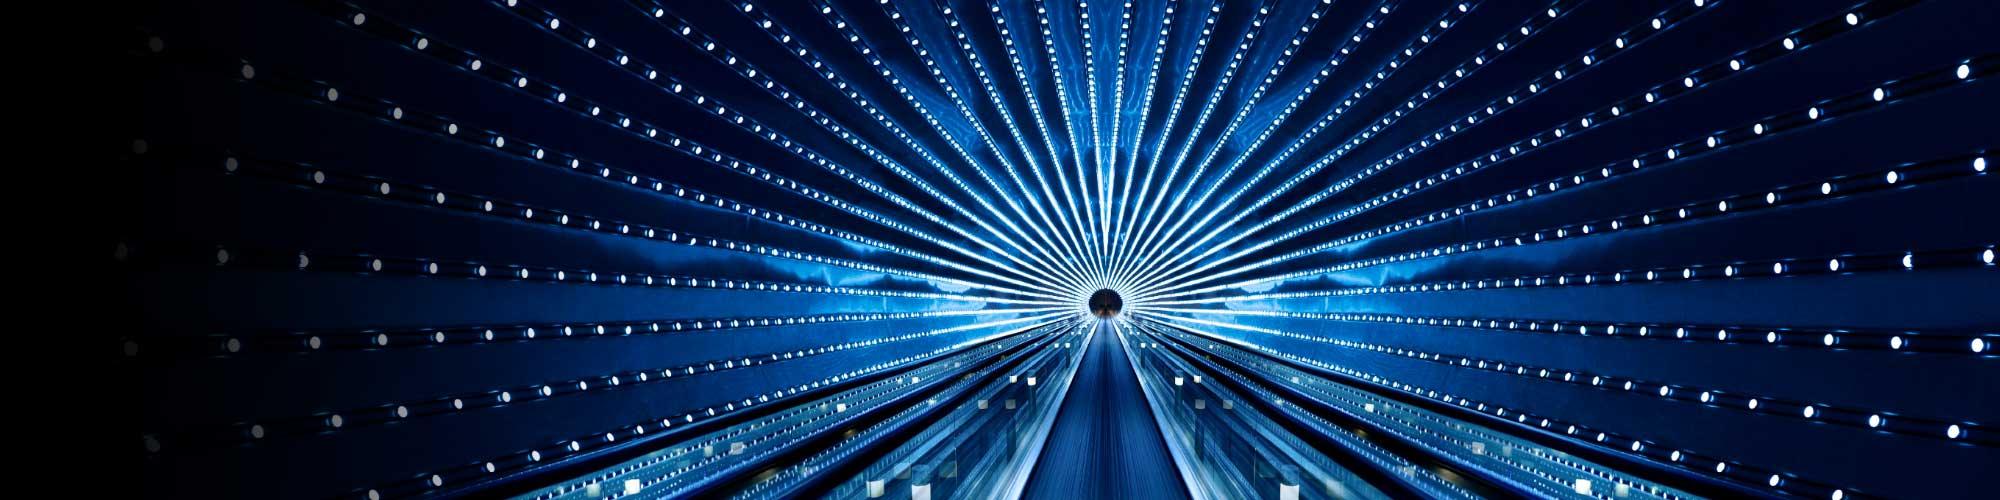 Talentele, tehnologia și parteneriatele pot fi esențiale pentru a prospera în lumea post-COVID-19